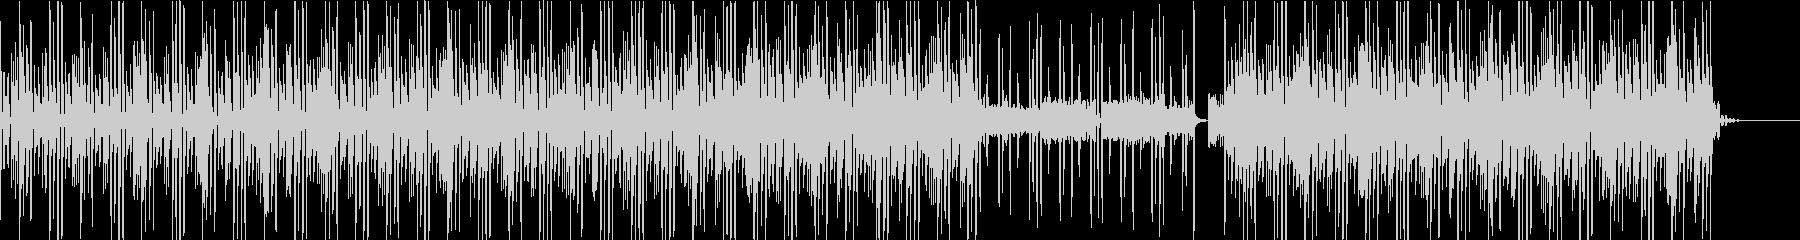 日常・平凡・平常シーンに使える打ち込み曲の未再生の波形